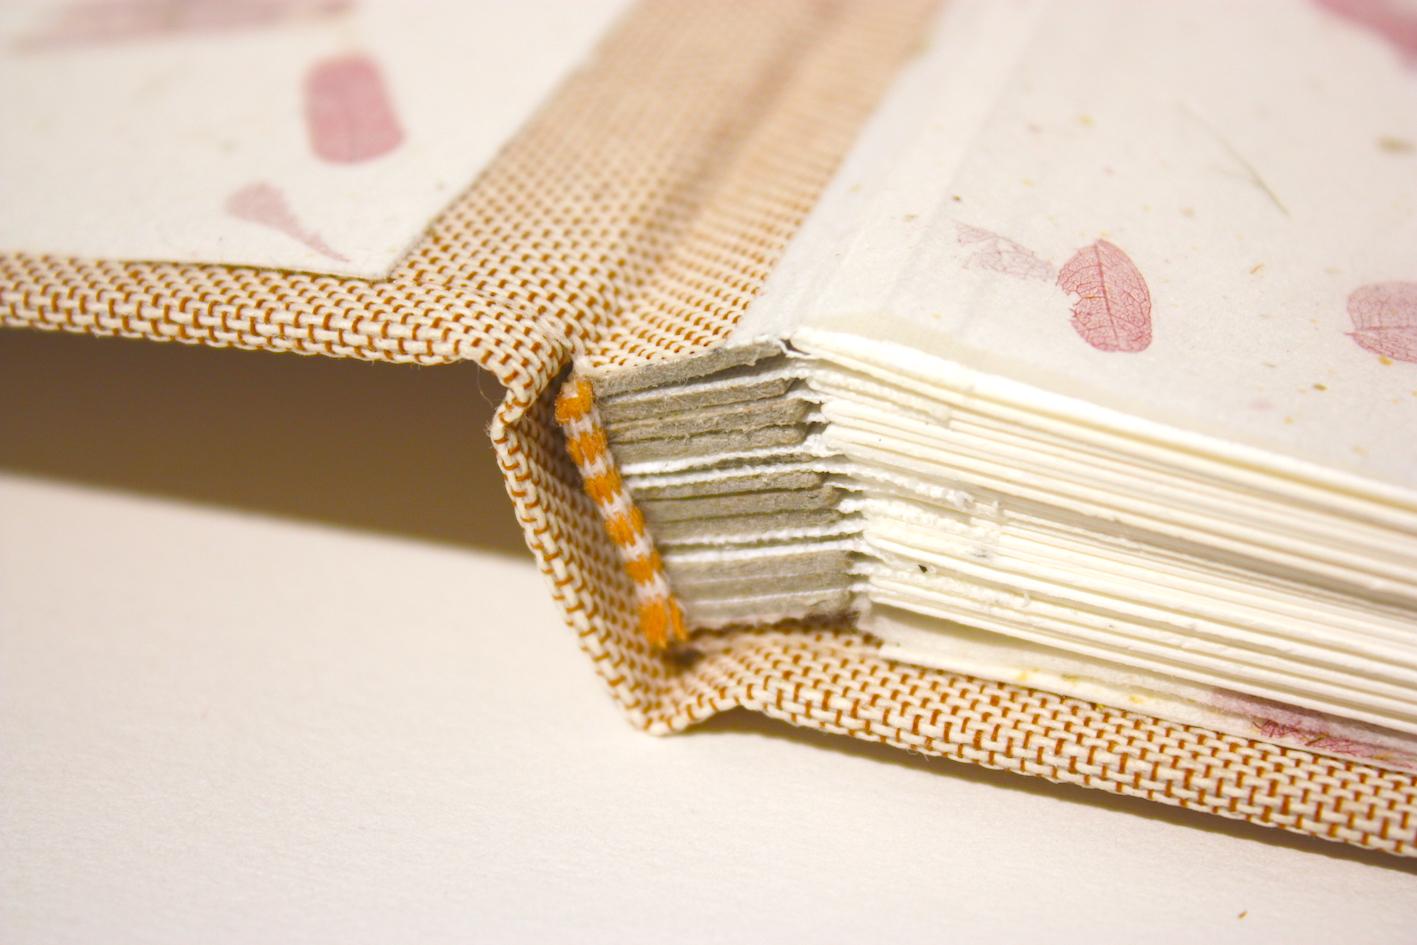 boekbinden boekbinder fotoalbum atlasbinding natuurlinnen papier handgemaakt fotokarton zuurvrij papier